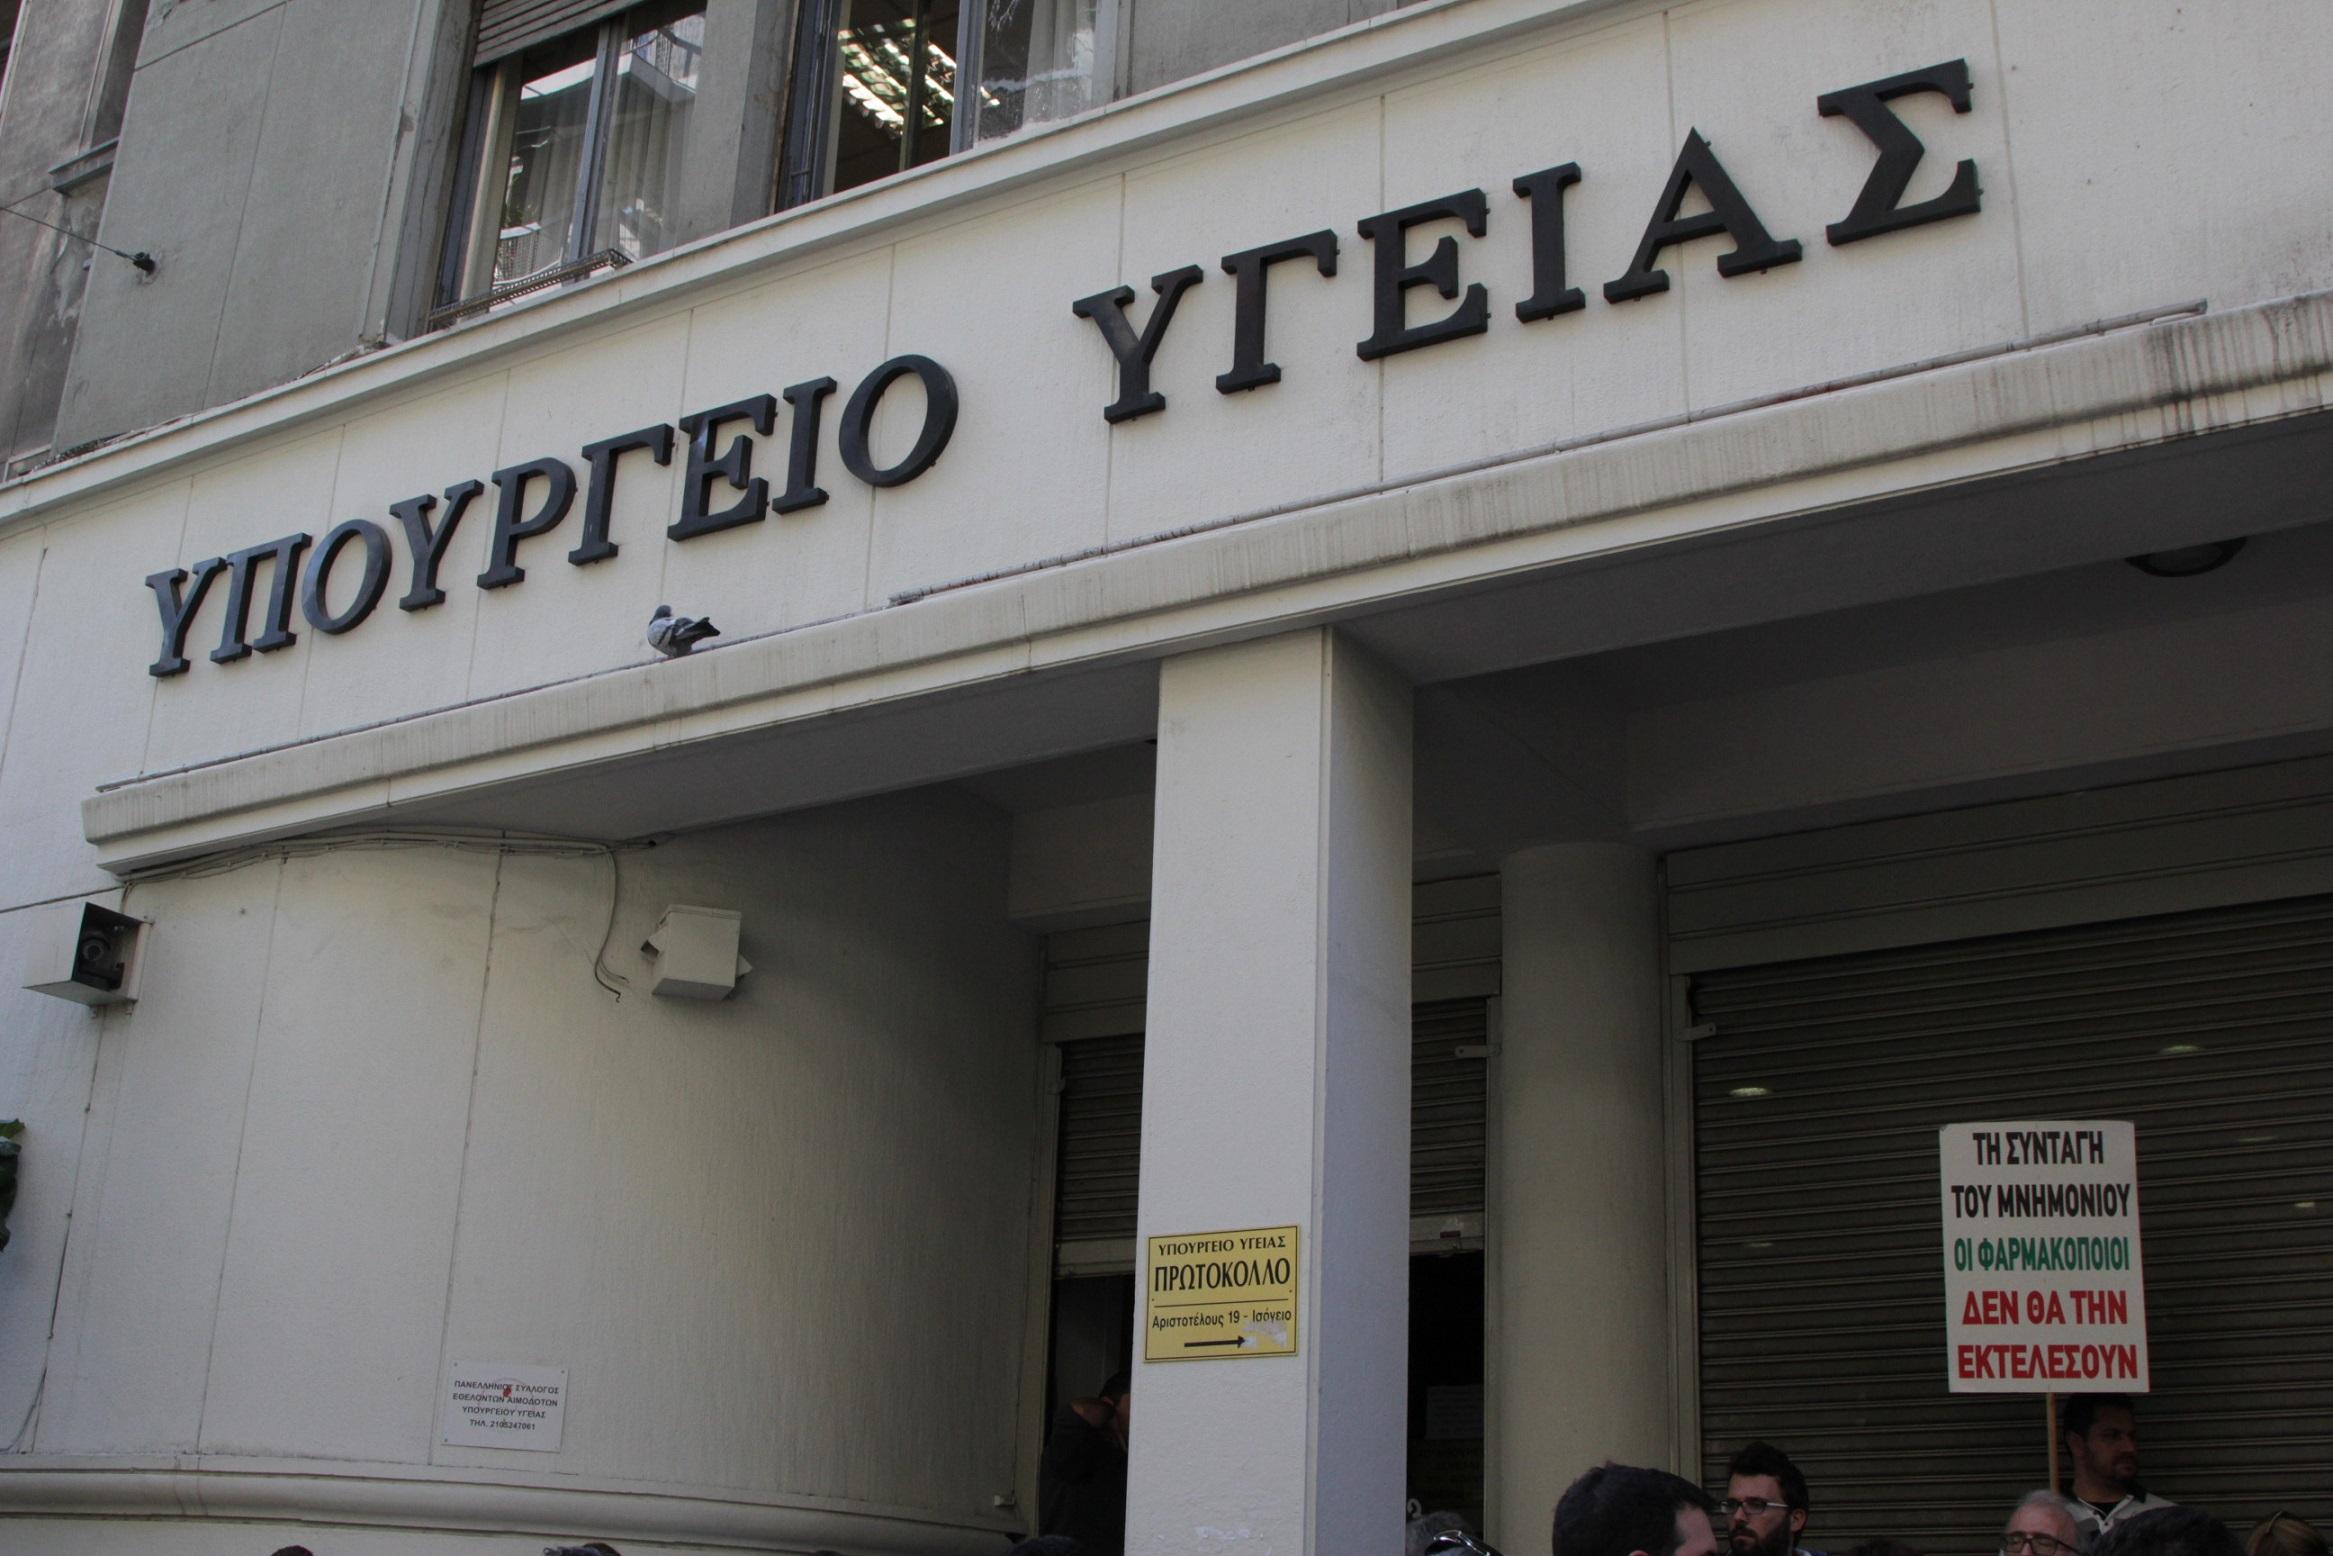 Υπουργείο Υγείας : 125.000,00 € για δράσεις αποκλιμάκωσης των περιοριστικών μέτρων της COVID 19